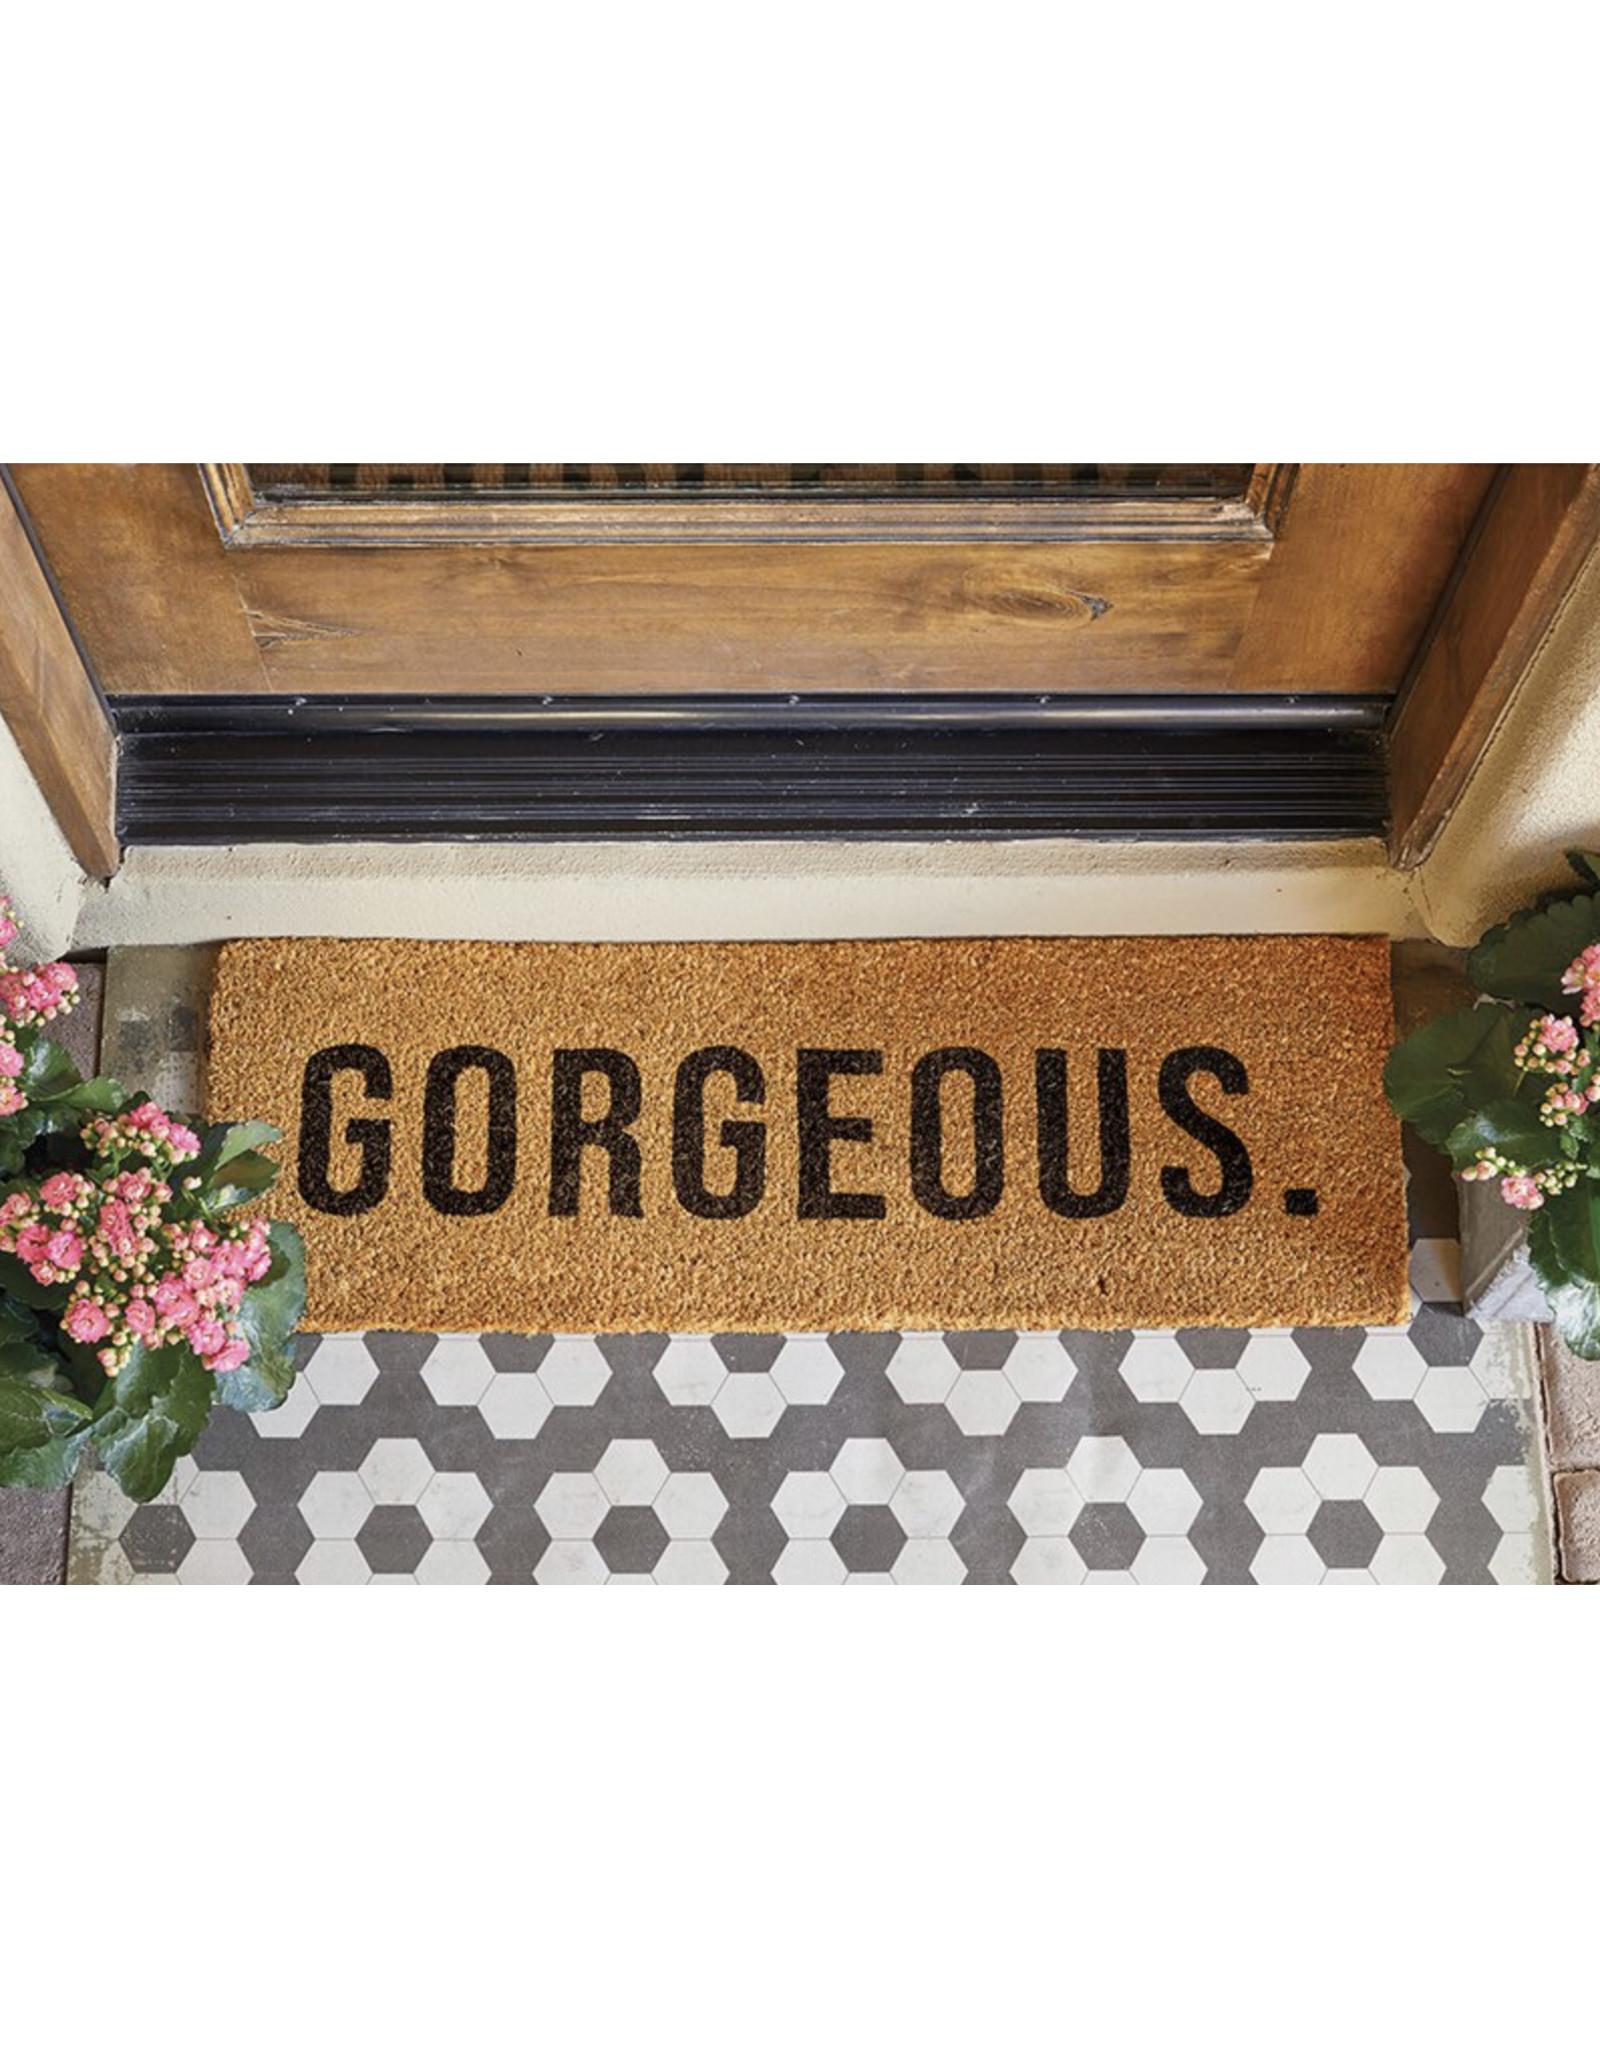 Creative Brands Door Mat, Gorgeous.